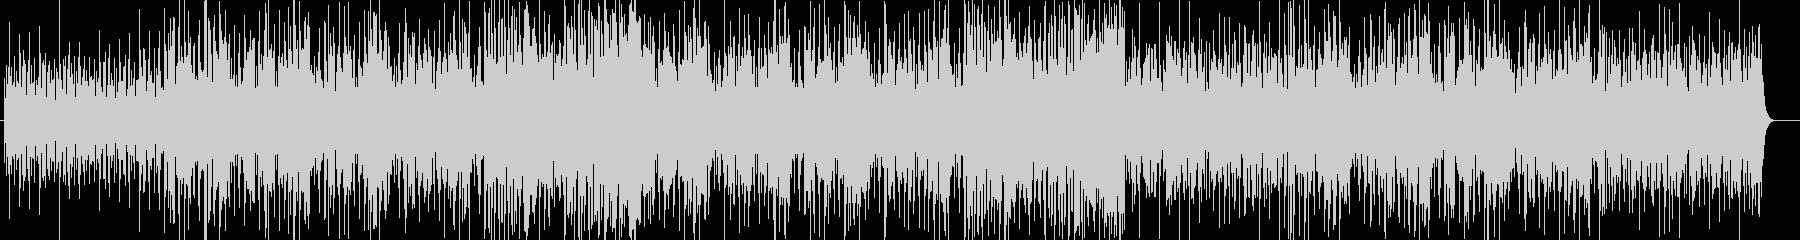 にぎやかなサンバパレード 吹奏楽の未再生の波形